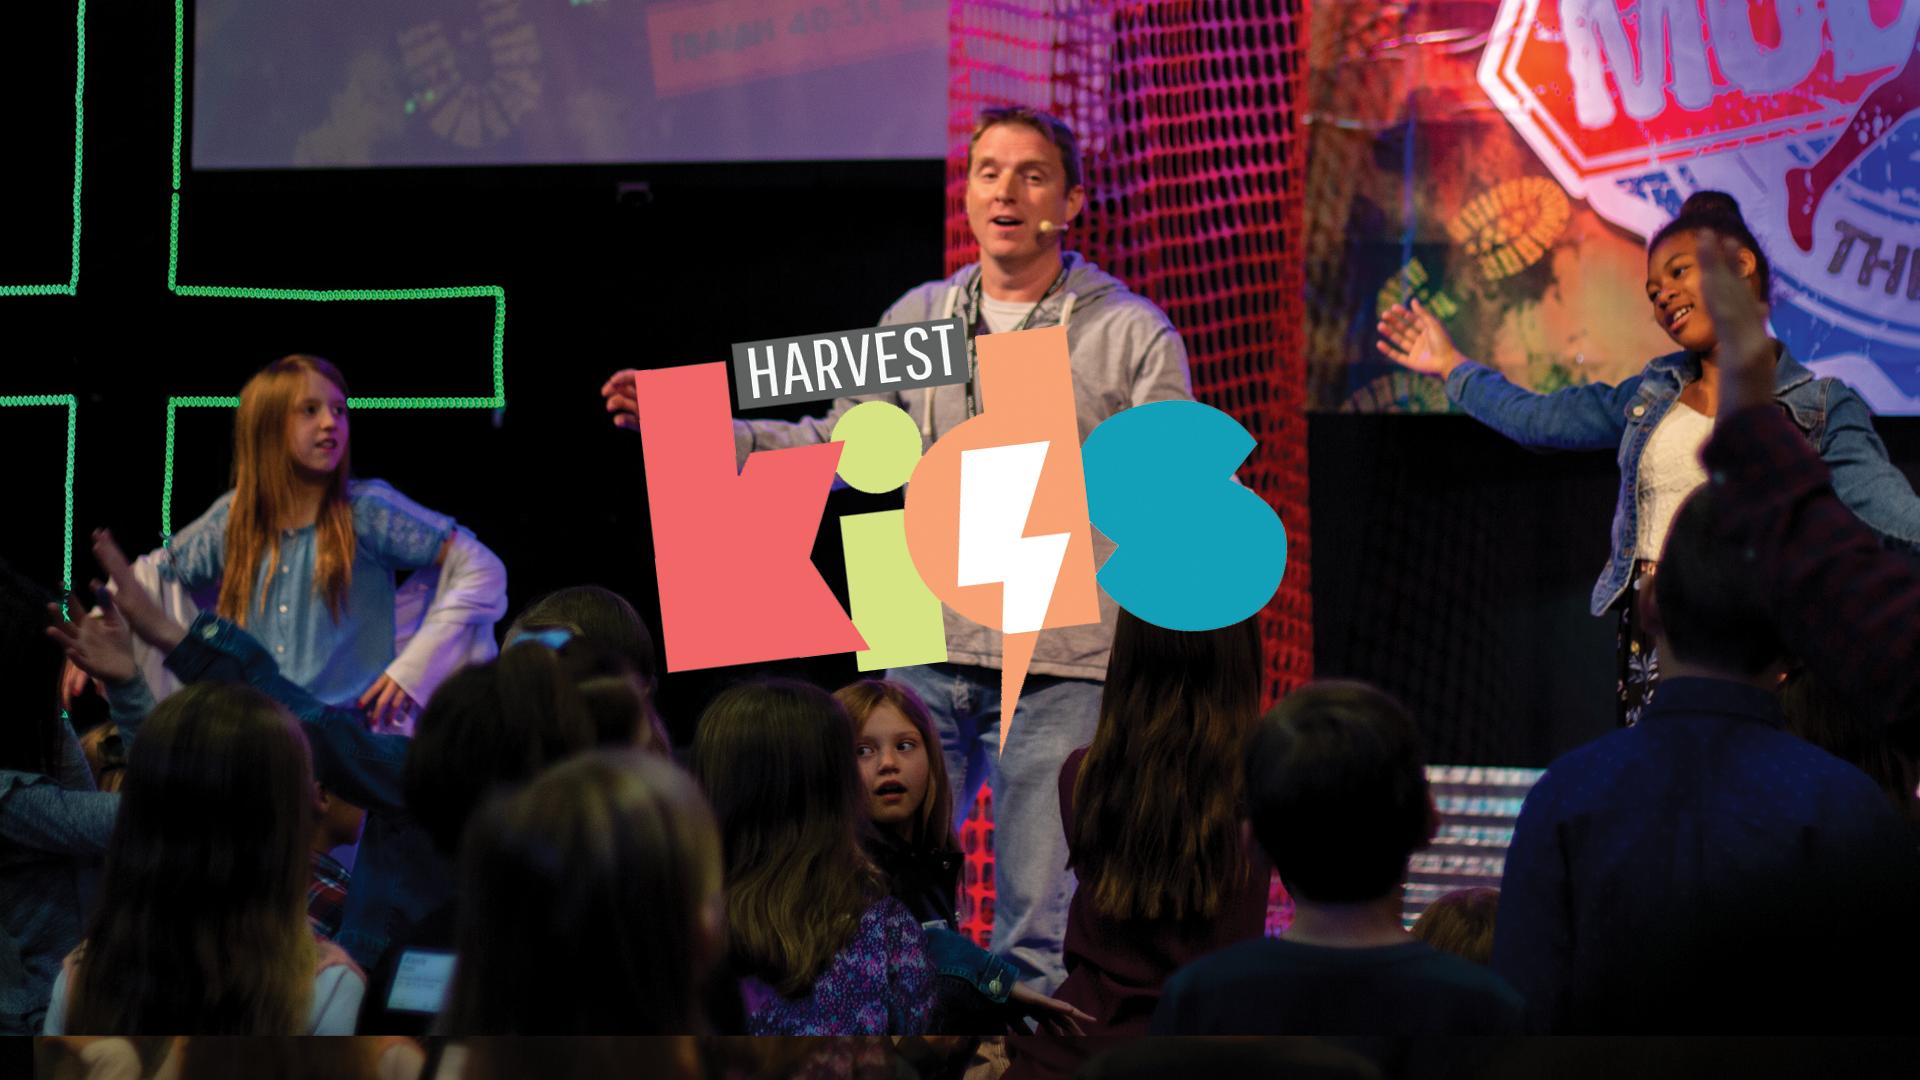 HarvestKidsWeb.png